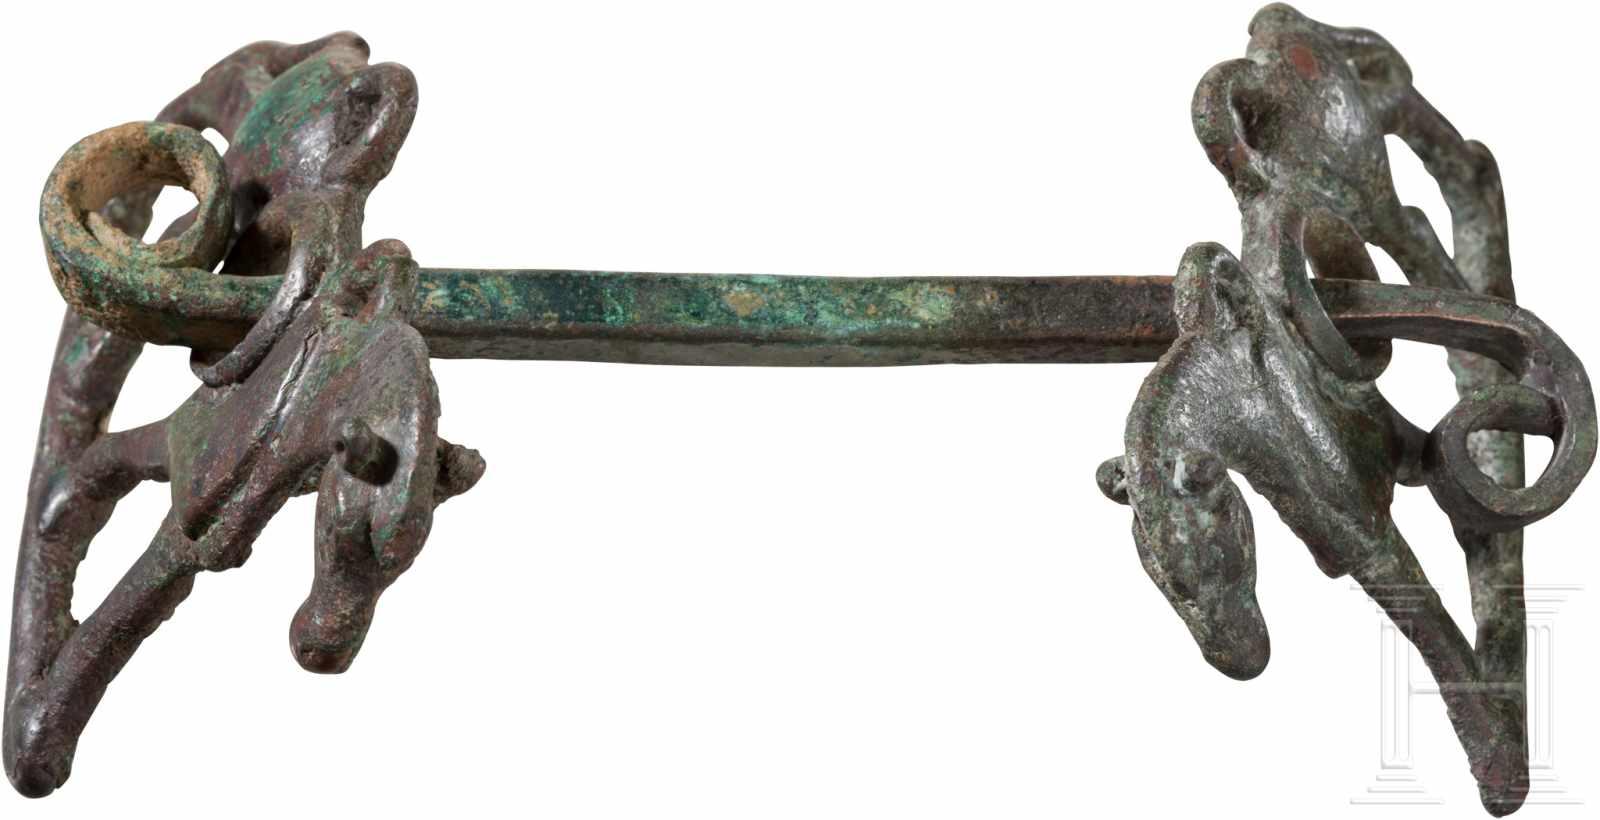 Lot 1622 - Bronze-Trense, Luristan, 1. Jtsd. v. Chr.Bronze mit grünlich-rötlicher, auf der Innenseite stärker